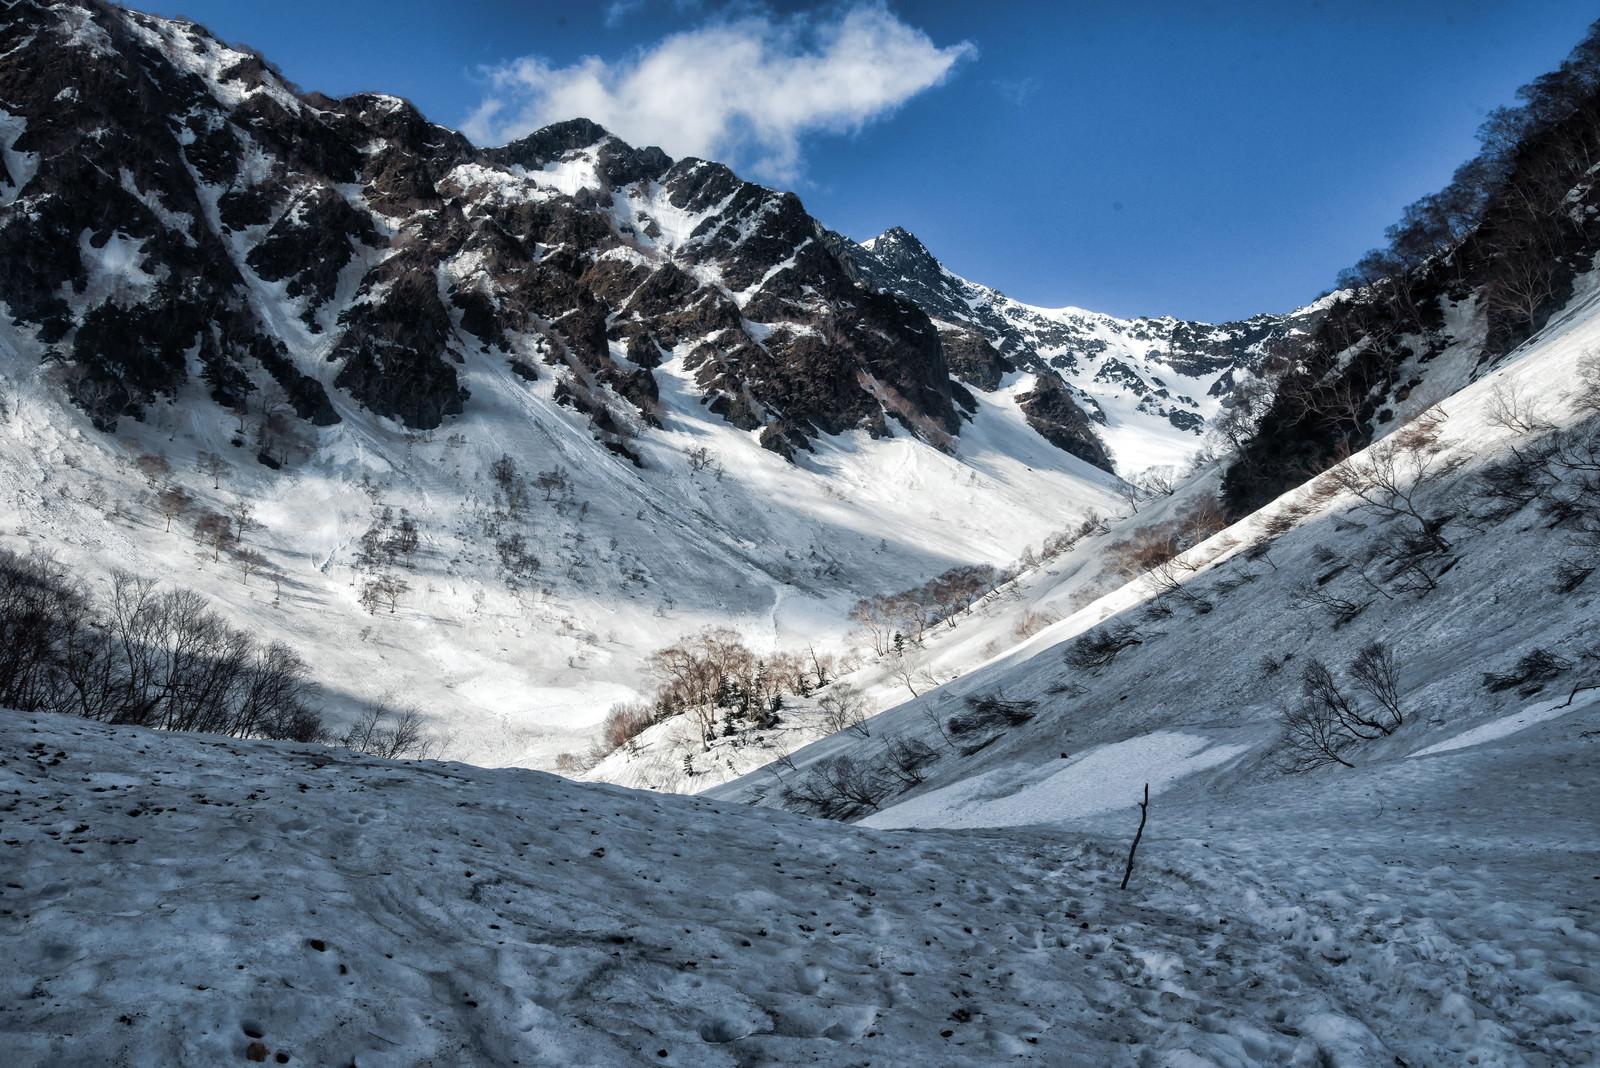 「雪解け残雪期の涸沢への道のり」の写真